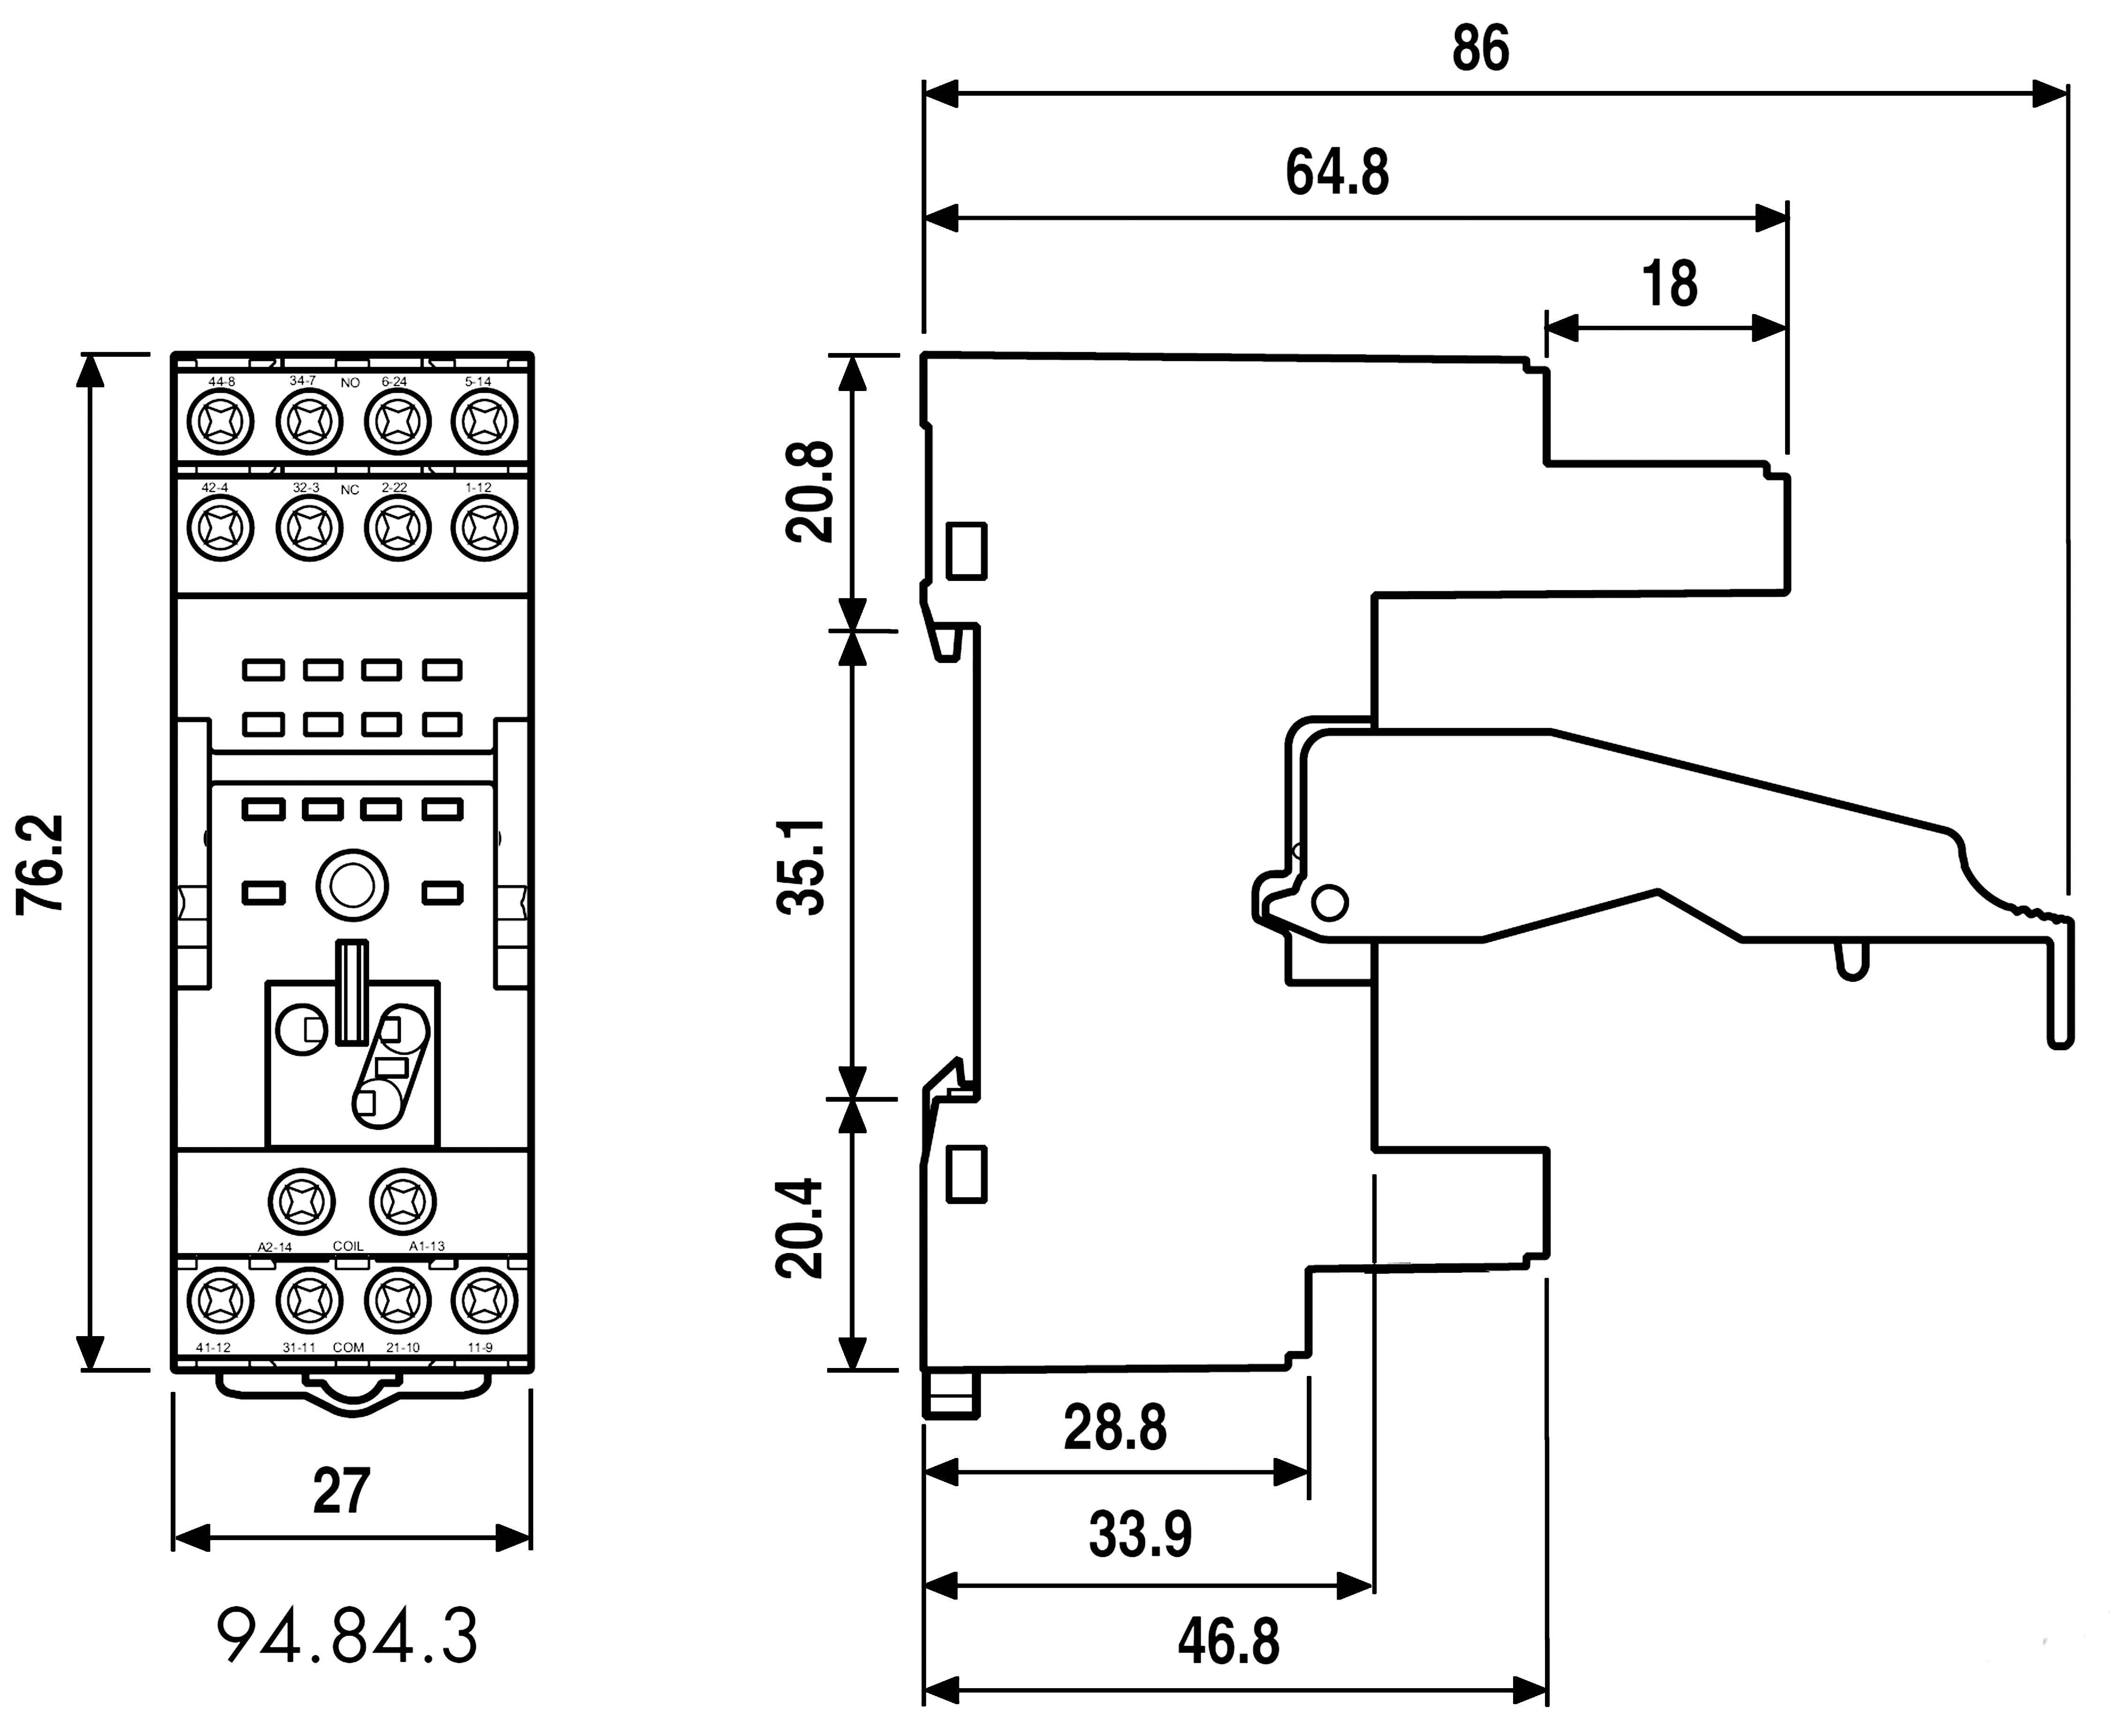 Šroubová patice Finder 94.84.3 pro lištu DIN